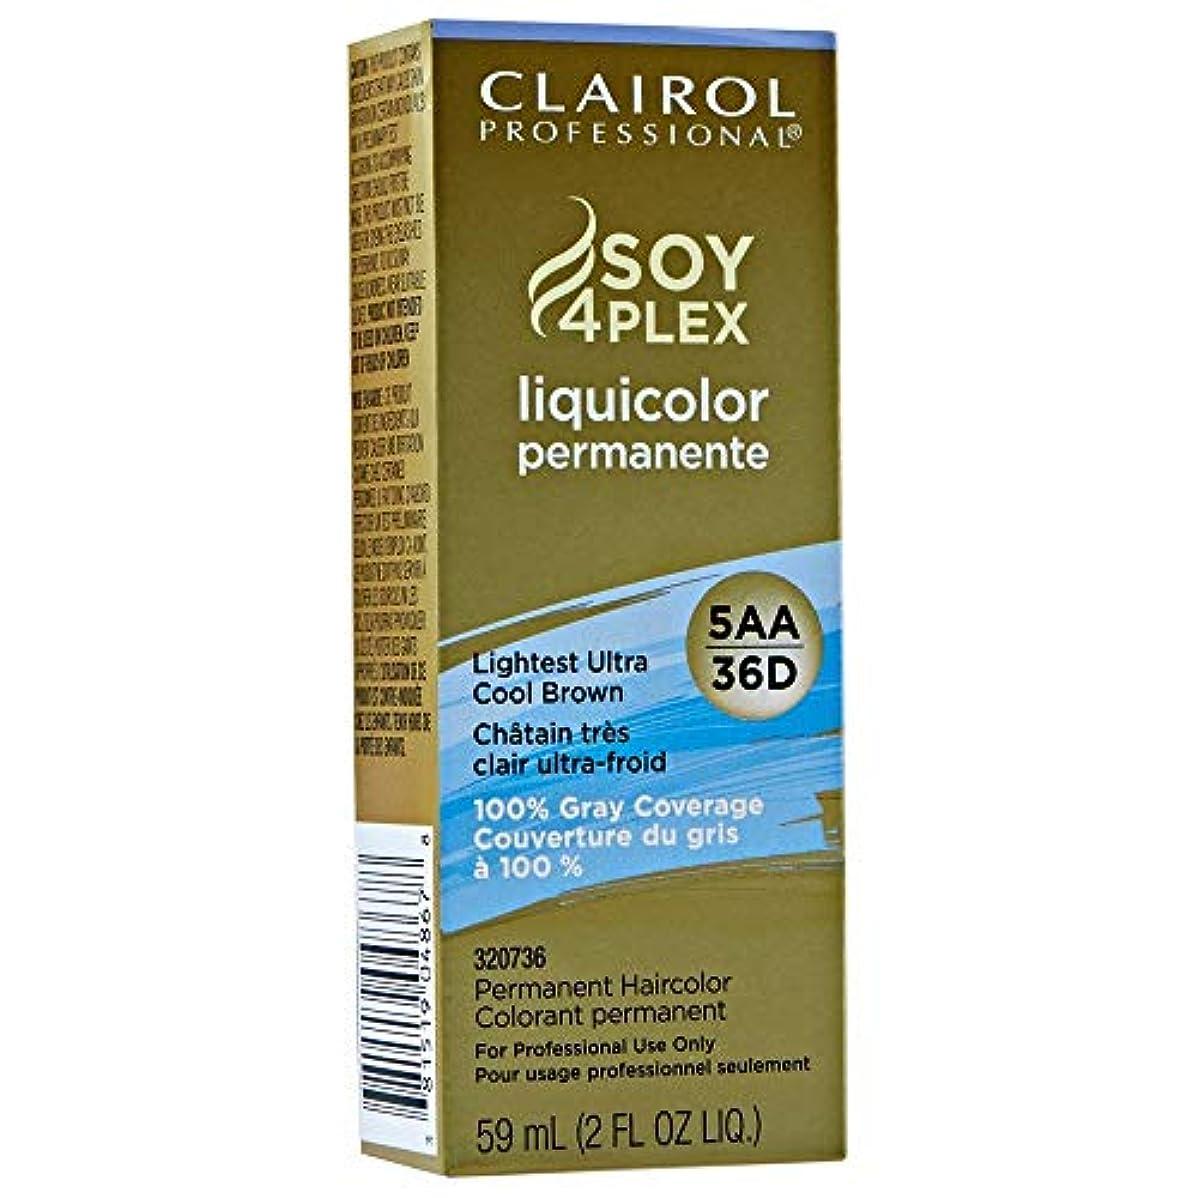 蜜まだ起業家Clairol Professional Soy 4 Plex Liquicolor Permanent 36D Lightest Ultra Cool Brown 59 ml (並行輸入品)